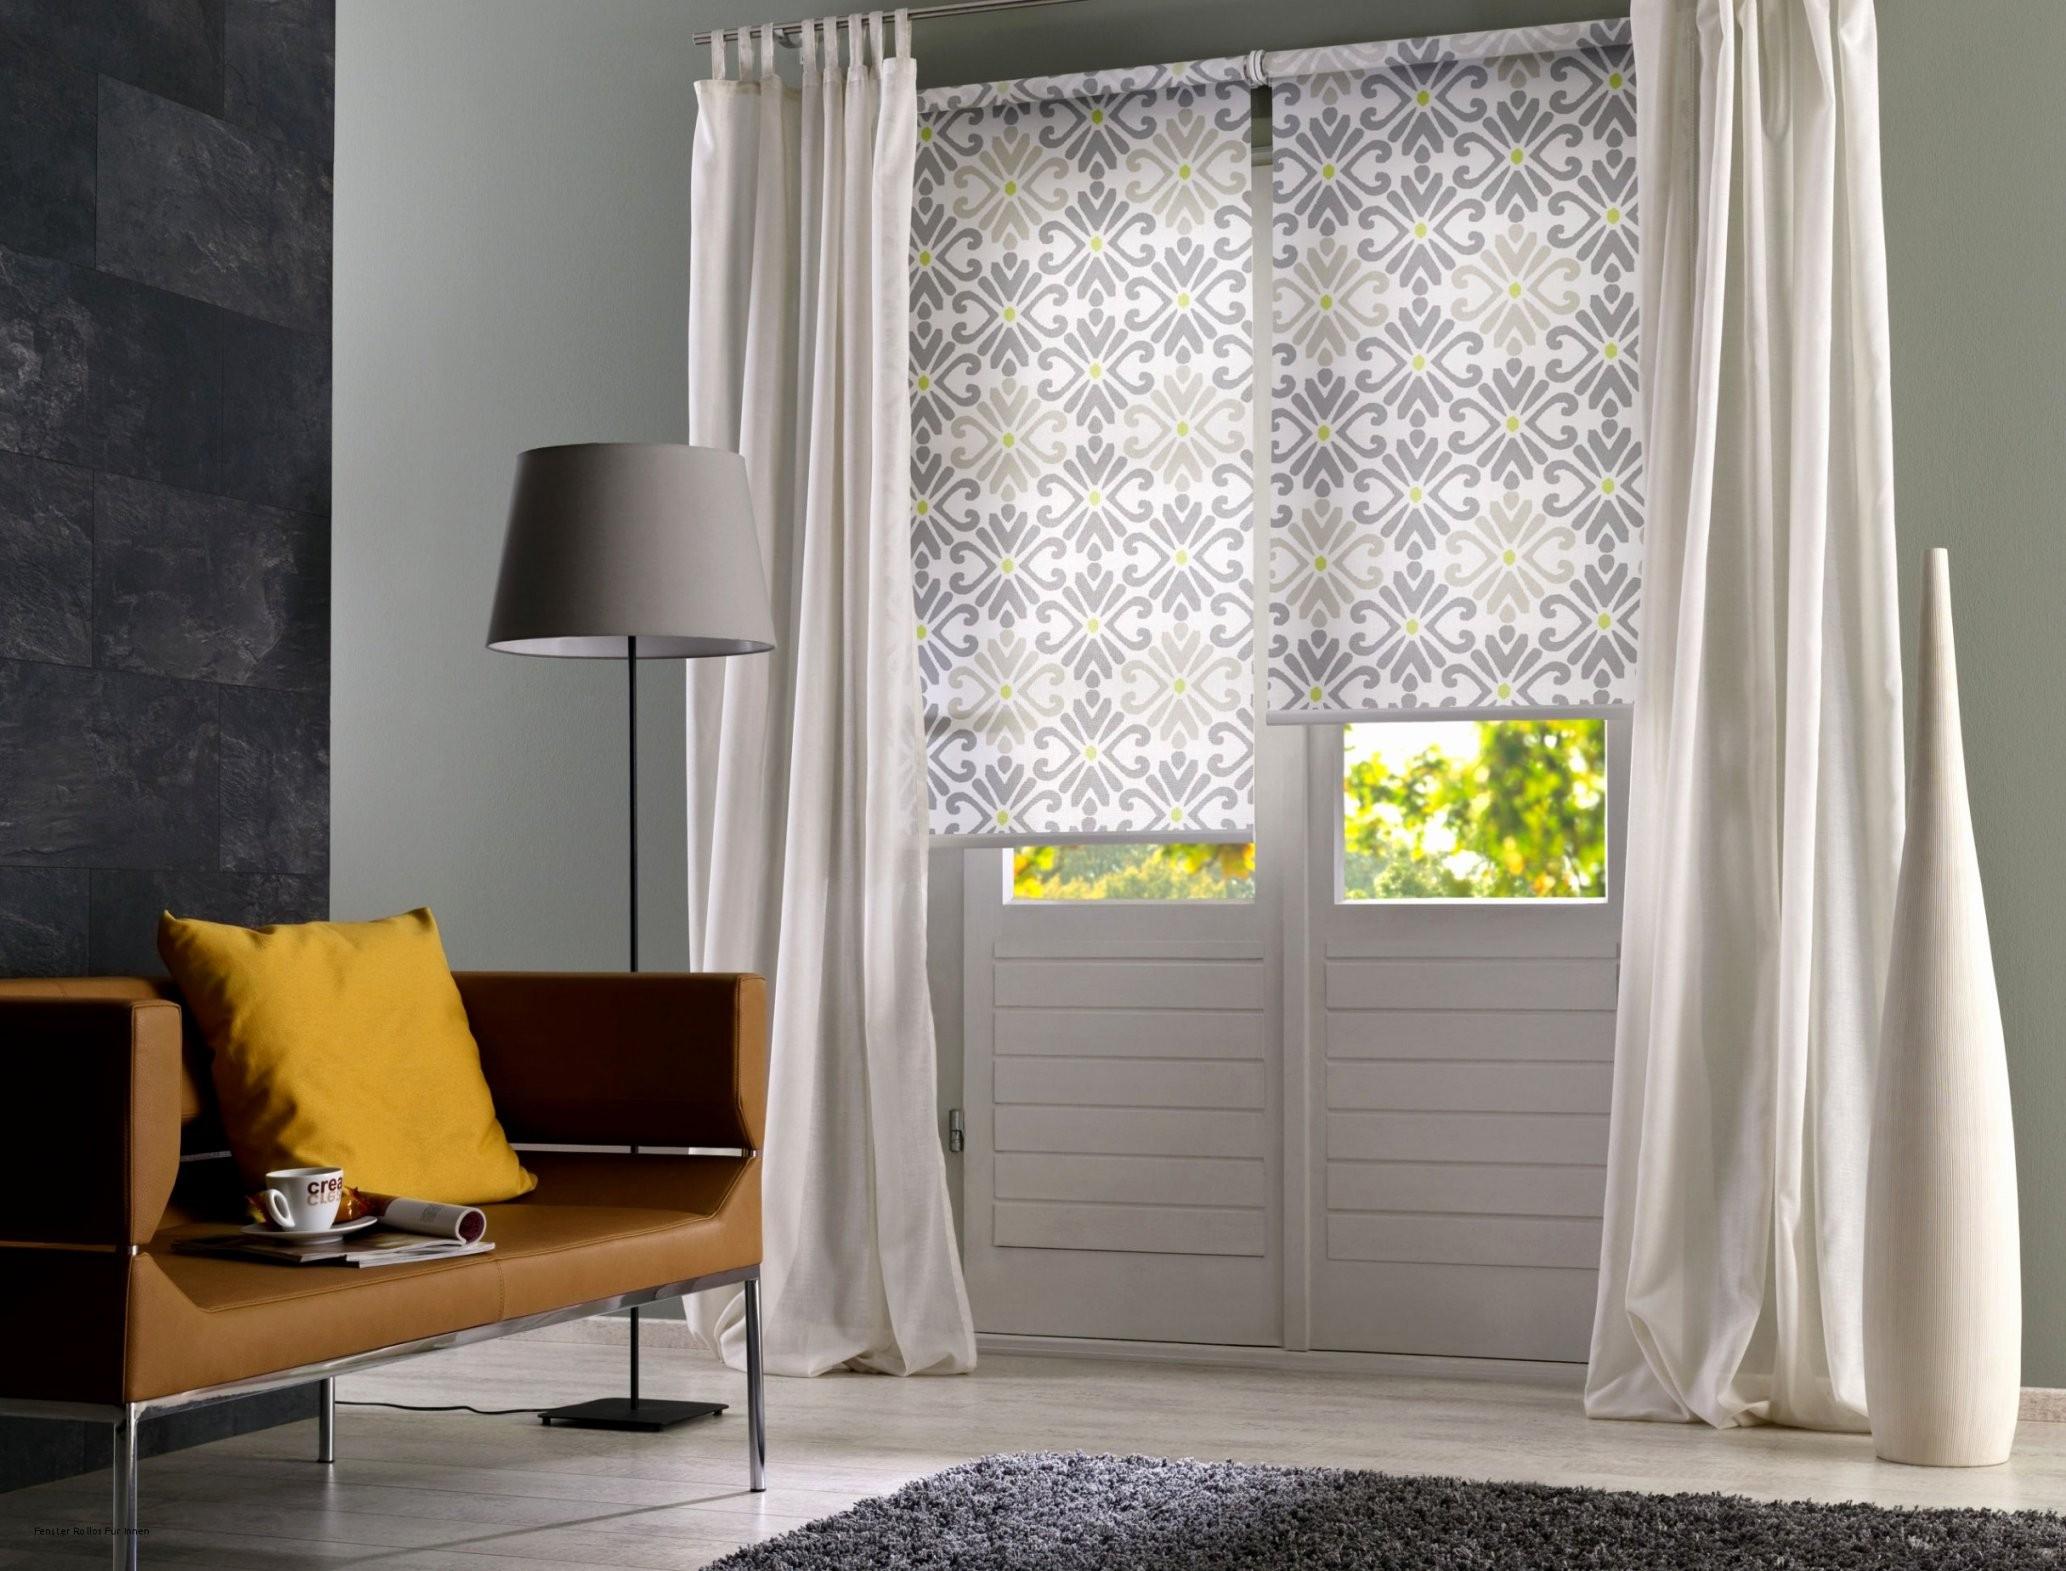 20 Bilder Fenster Jalousien Wohnideen Kleine Genüsse Fenster Rollos von Fenster Rollos Für Innen Photo